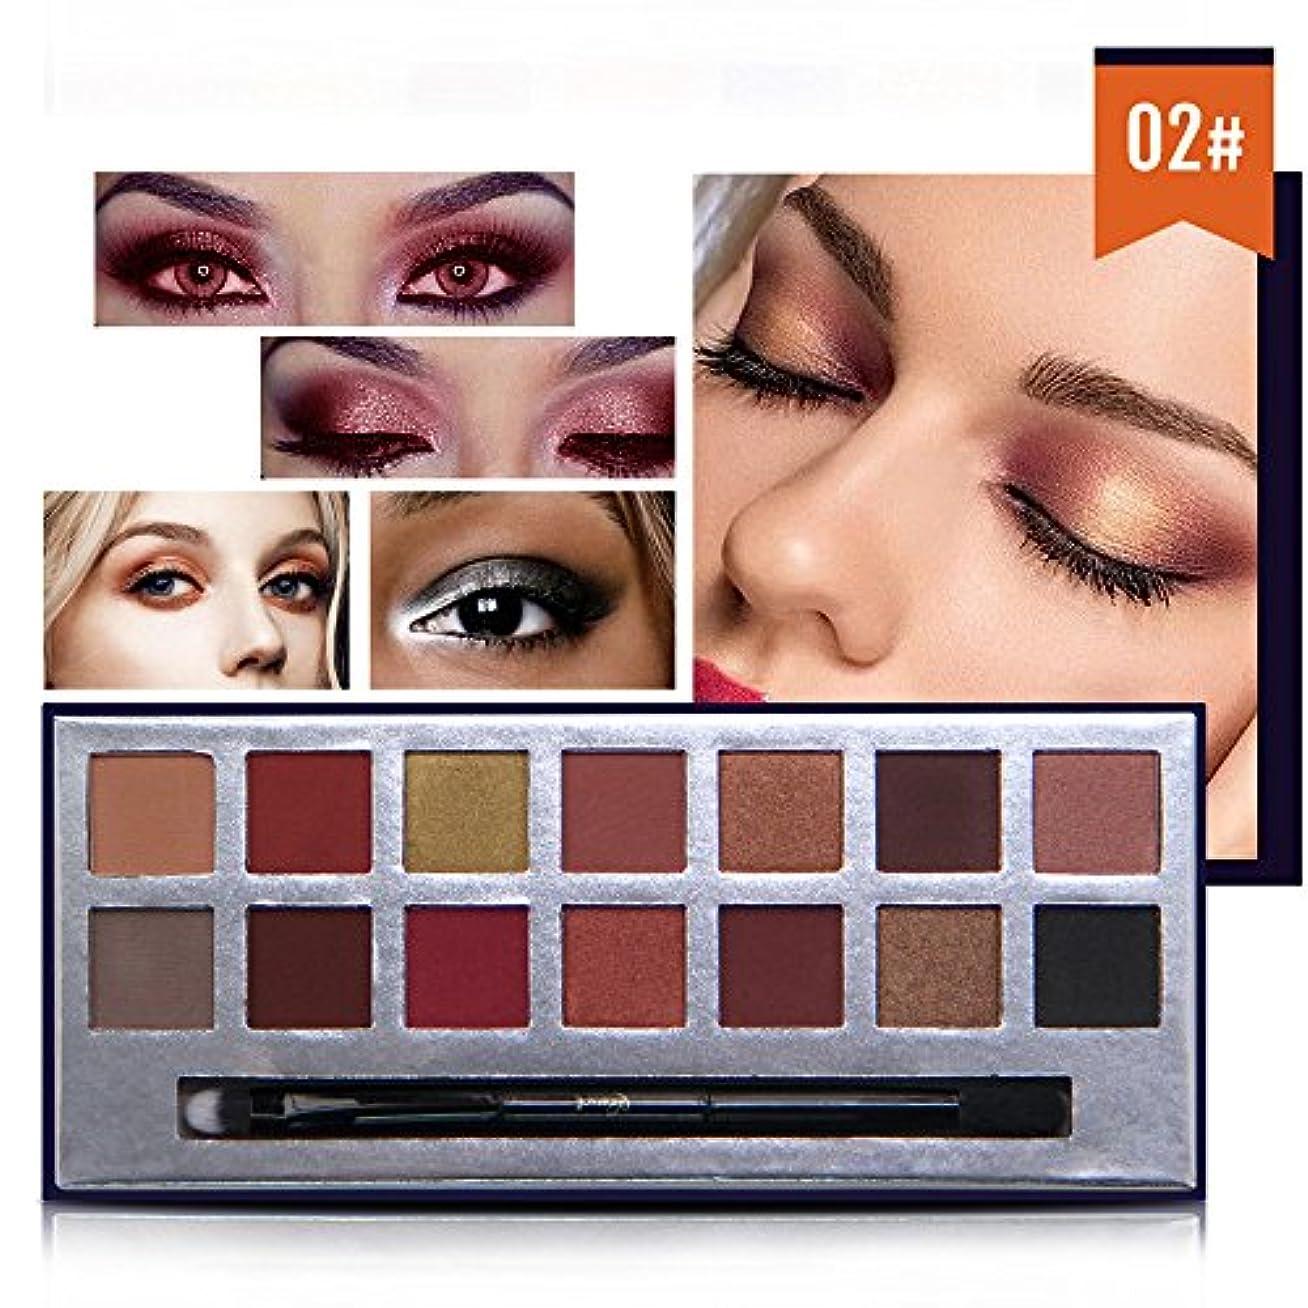 精緻化比類のないセンチメートルAkane アイシャドウパレット NICEFACE 綺麗 マット 魅力的 ファッション 人気 クリーム 気質的 キラキラ チャーム 防水 長持ち おしゃれ 持ち便利 Eye Shadow (14色) E17088